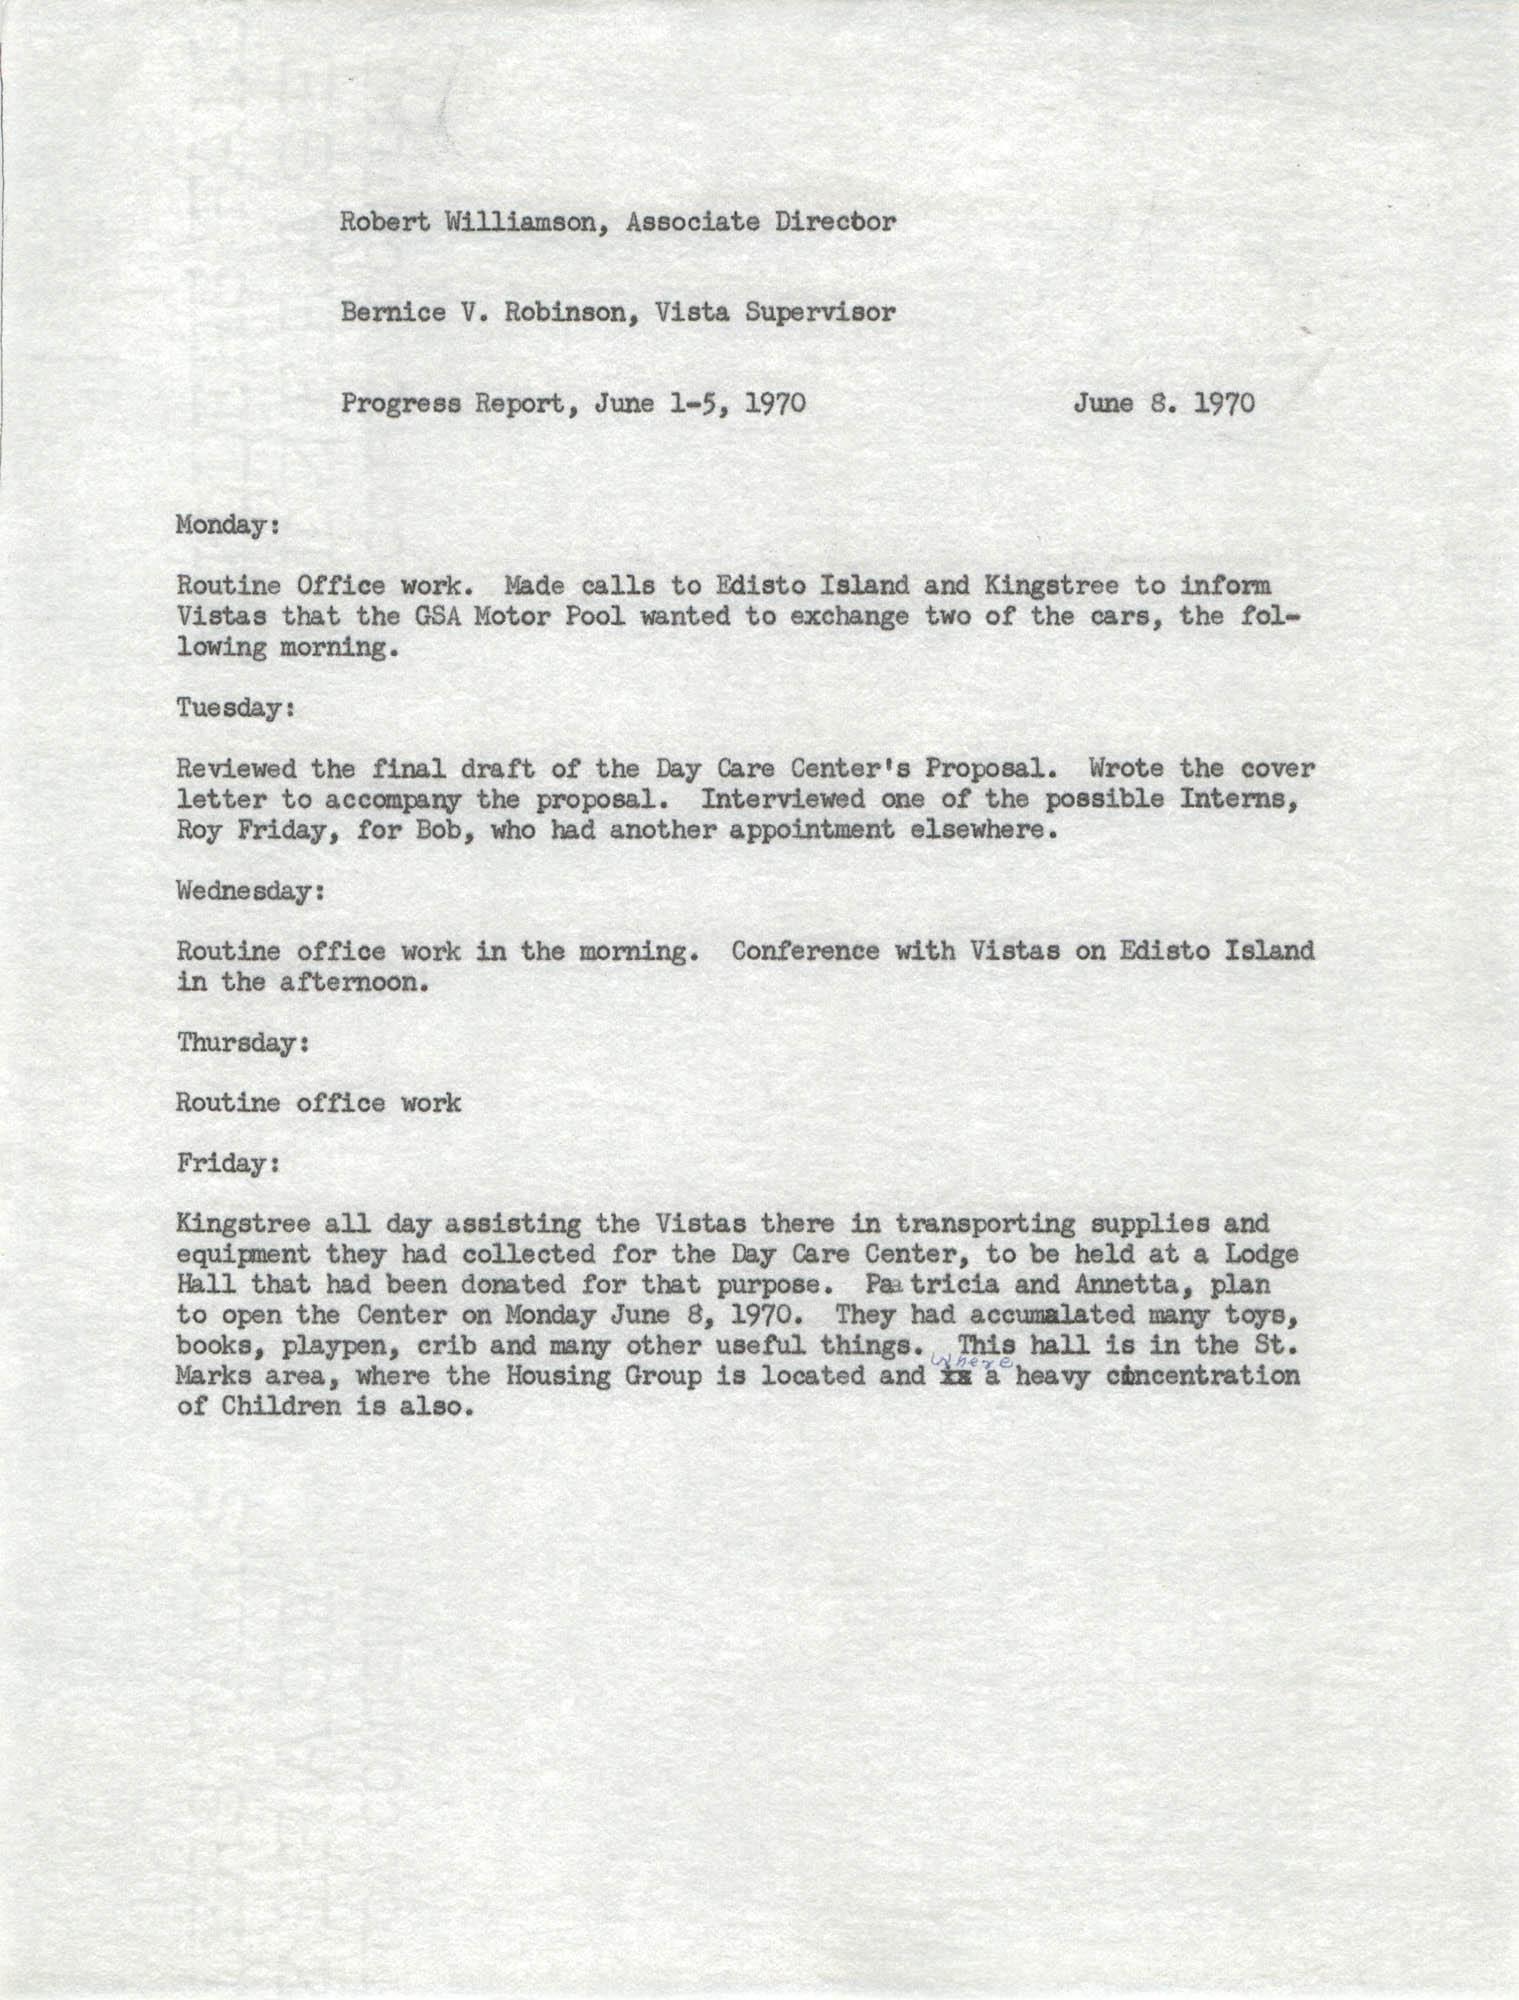 VISTA Progress Report, June 1-5, 1970